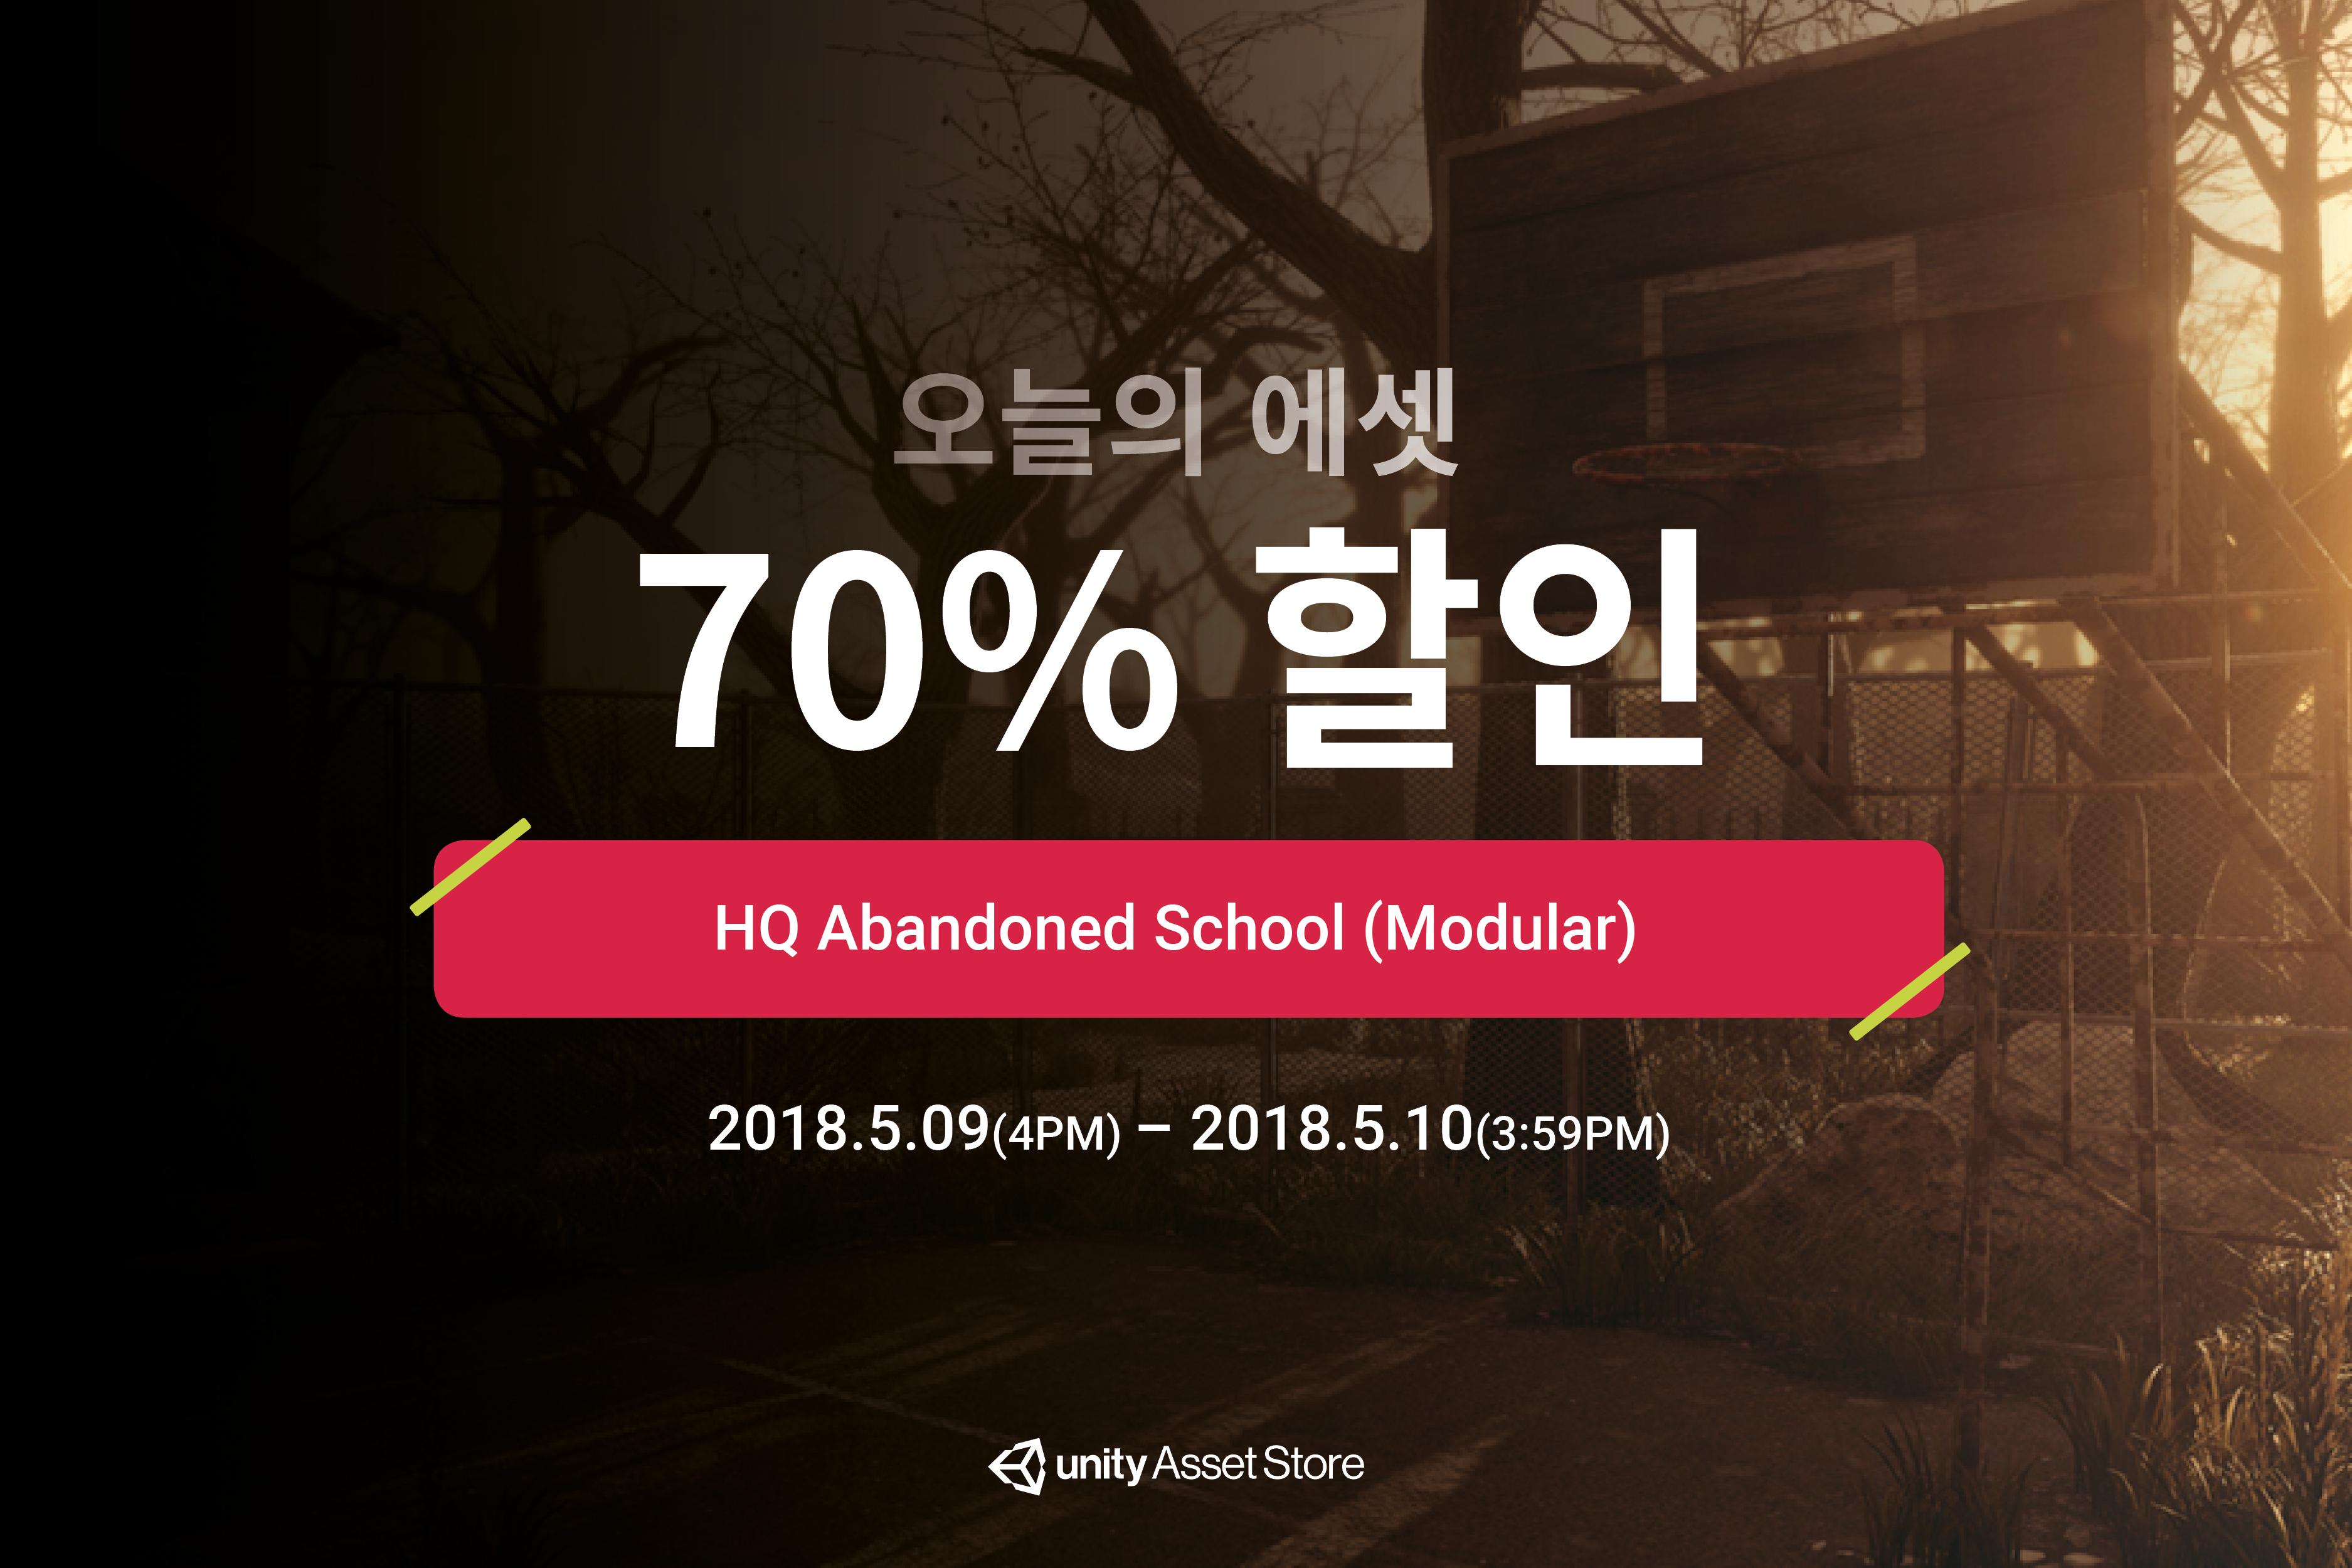 오늘의 에셋: HQ Abandoned School (Modular) 우수 후기